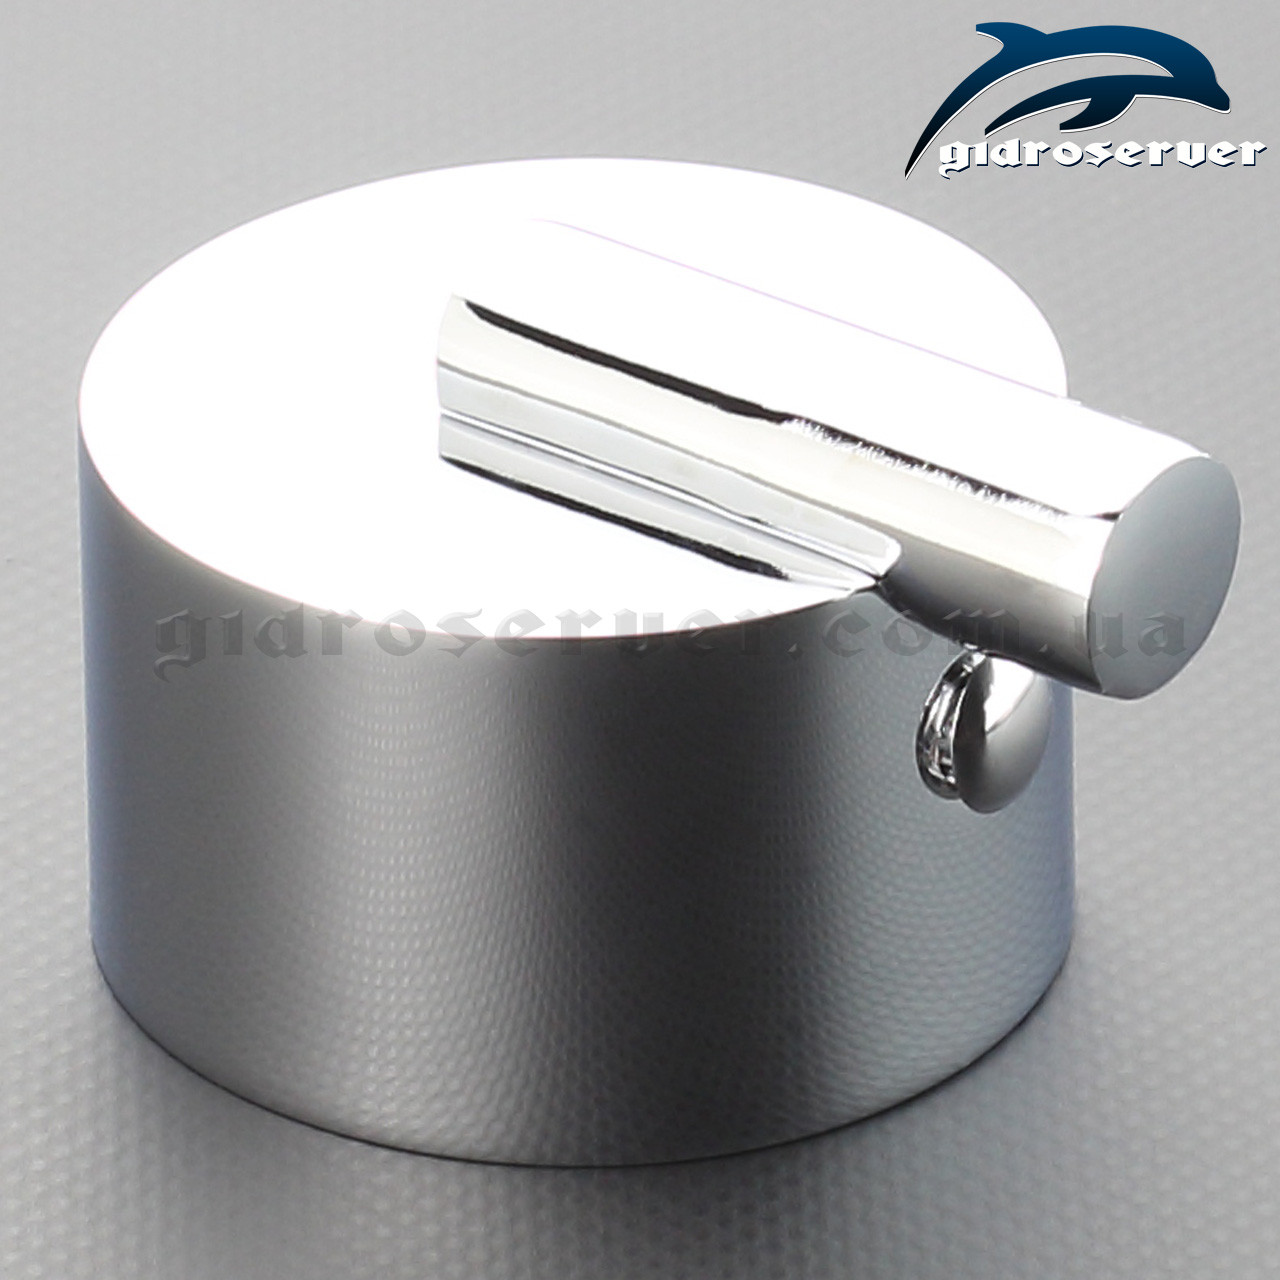 Ручка переключения режимов для смесителя душевой кабины, гидробокса RD-03.